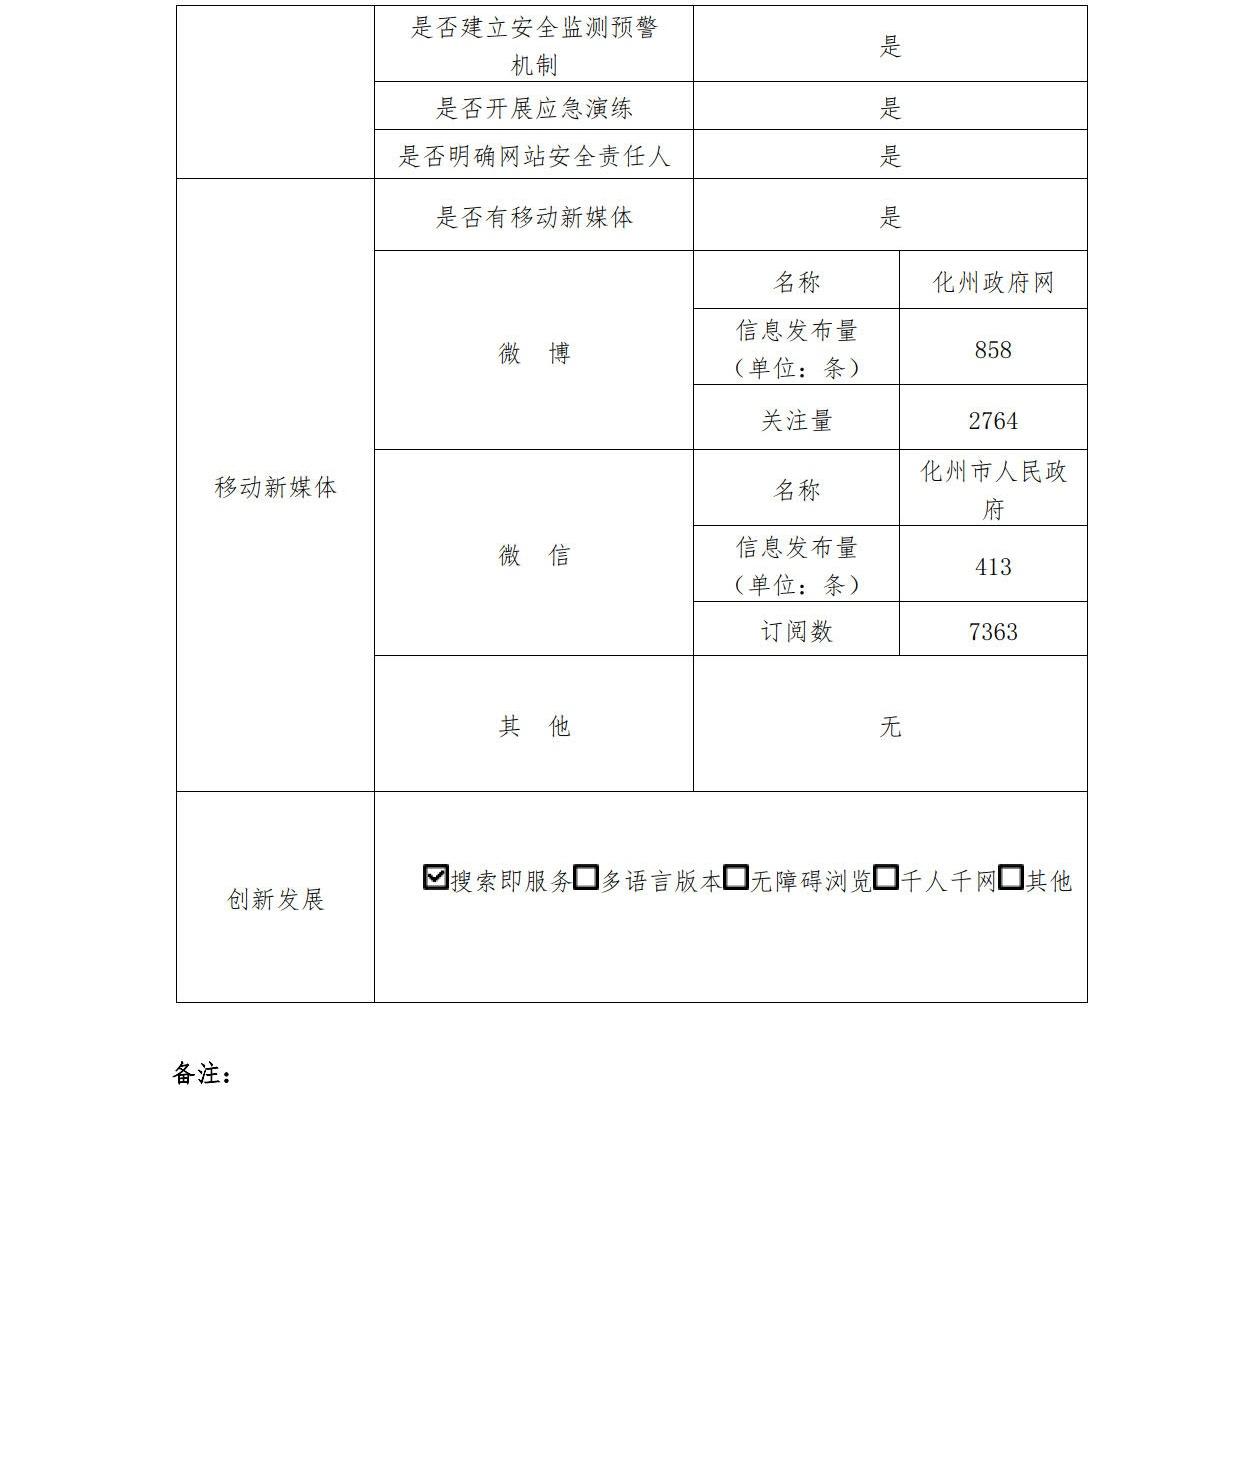 化州市人民政府网站工作年度报表(2020年)_3_看图王.jpg